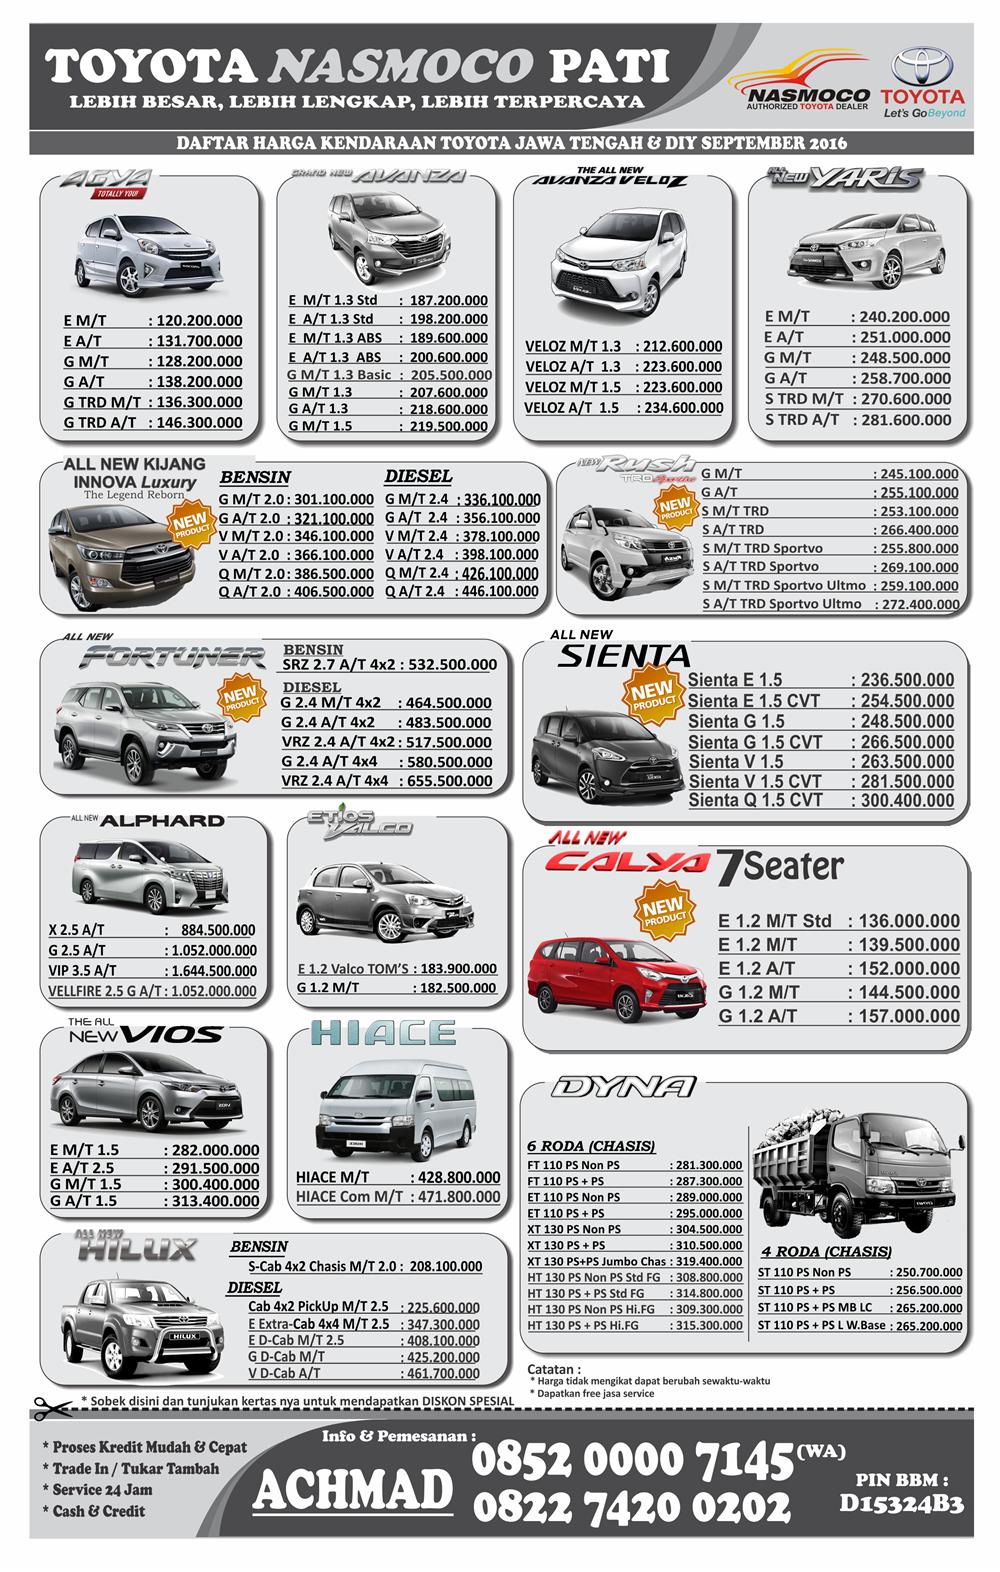 Kelebihan Kekurangan Daftar Harga Mobil Toyota Harga